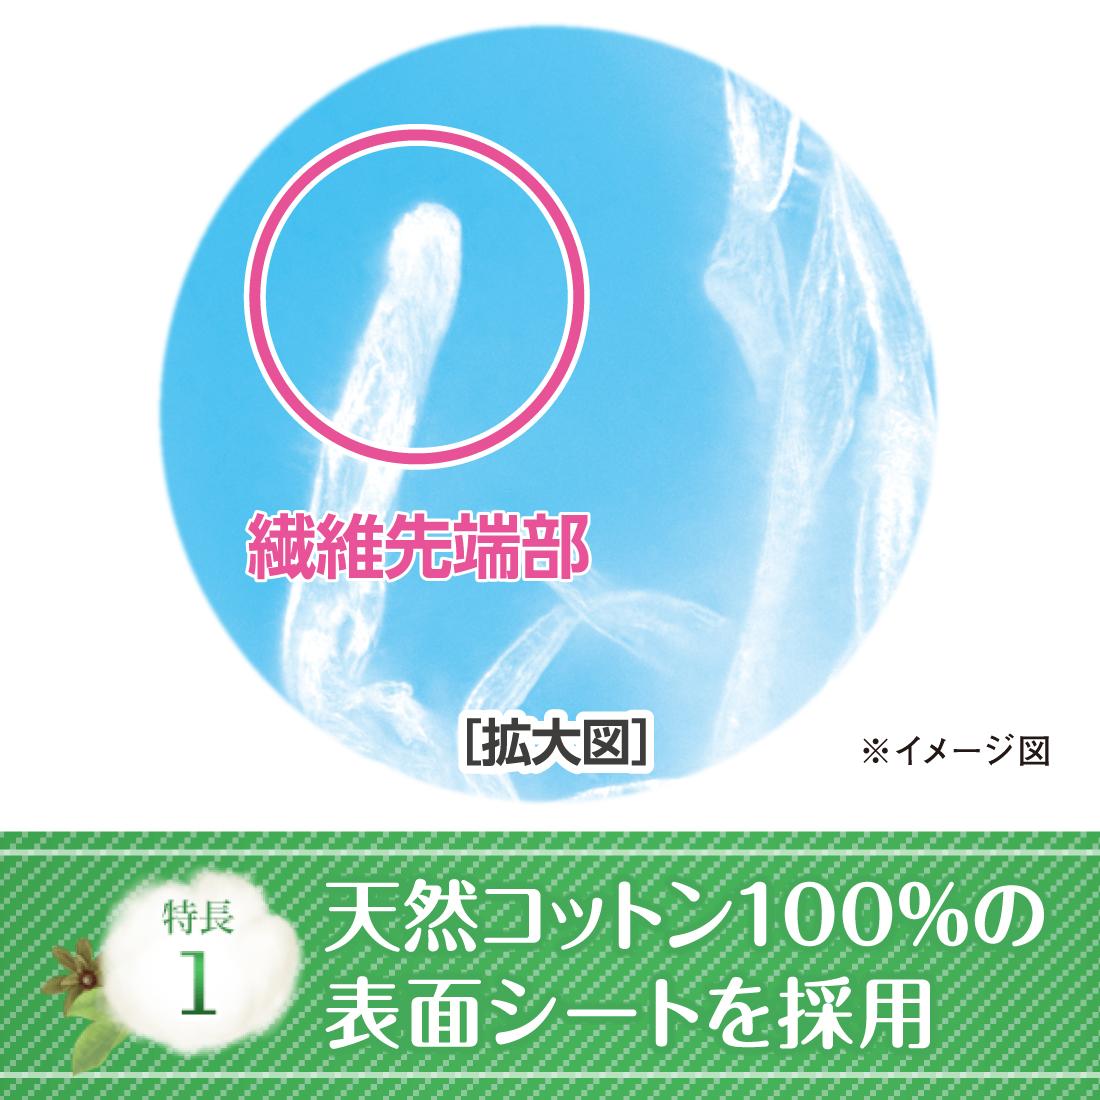 アテントコットン100%自然素材パッド中量